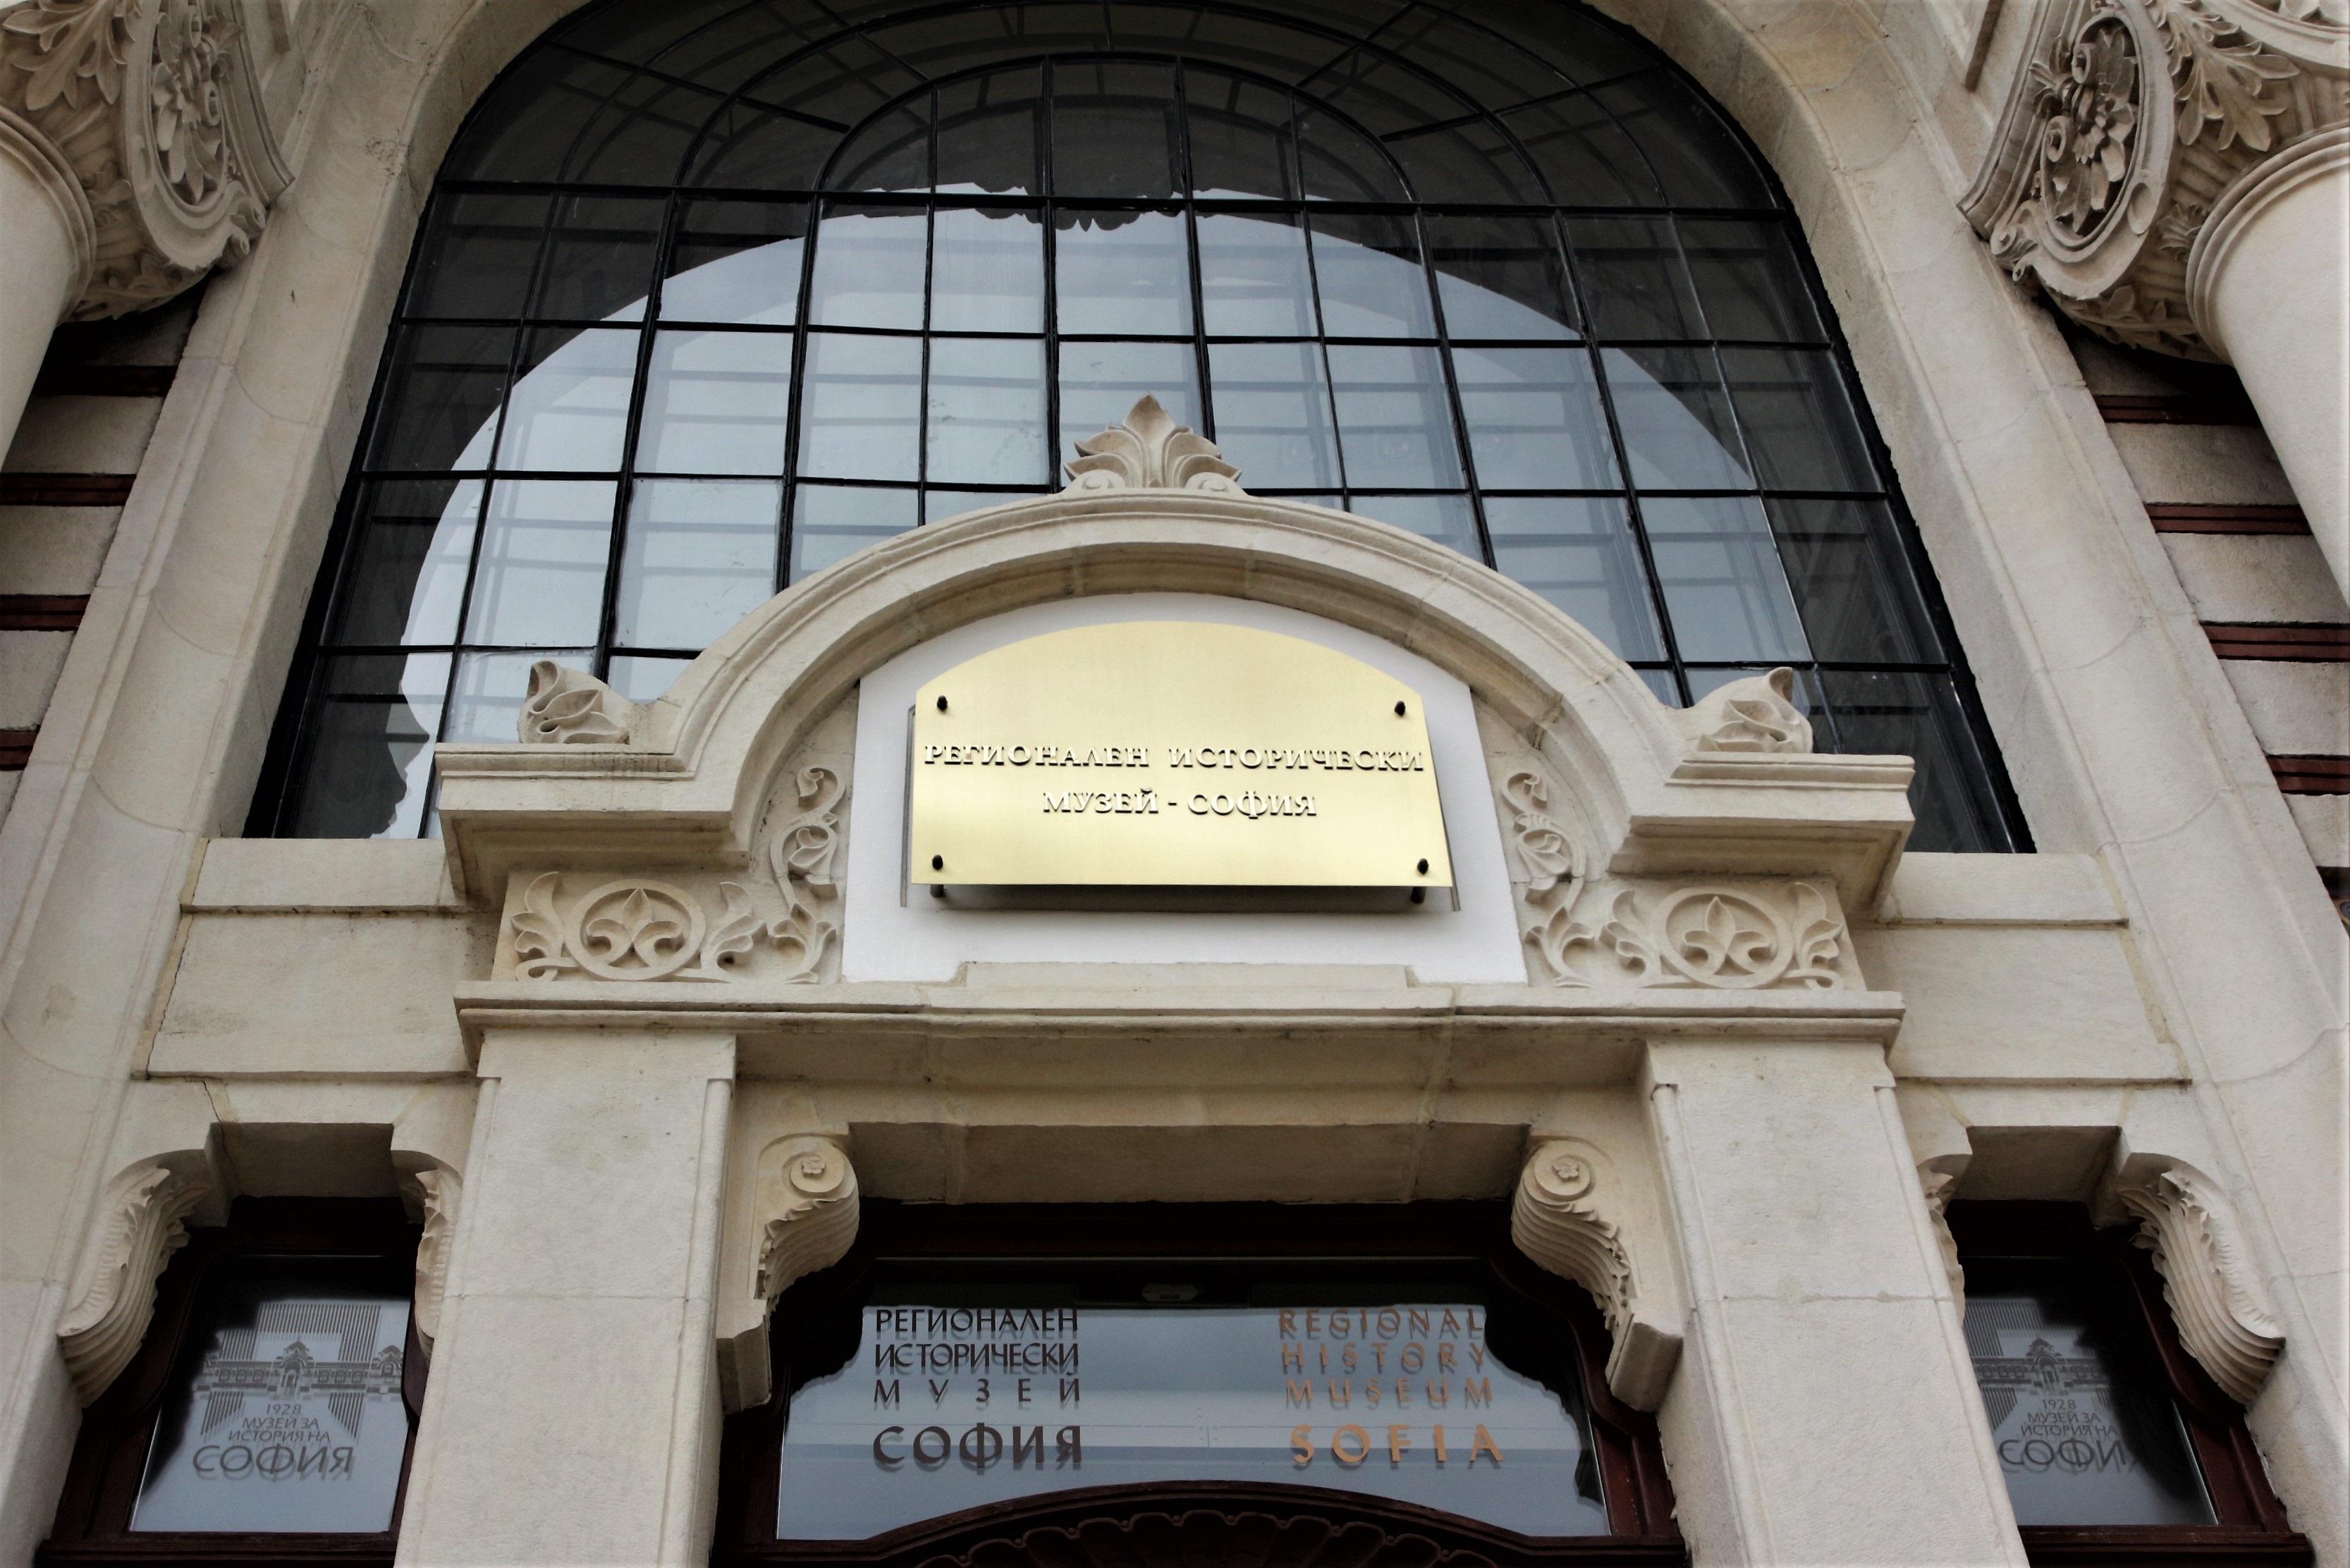 Столична община отваря безплатно музеи, културни центрове и спортни комплек